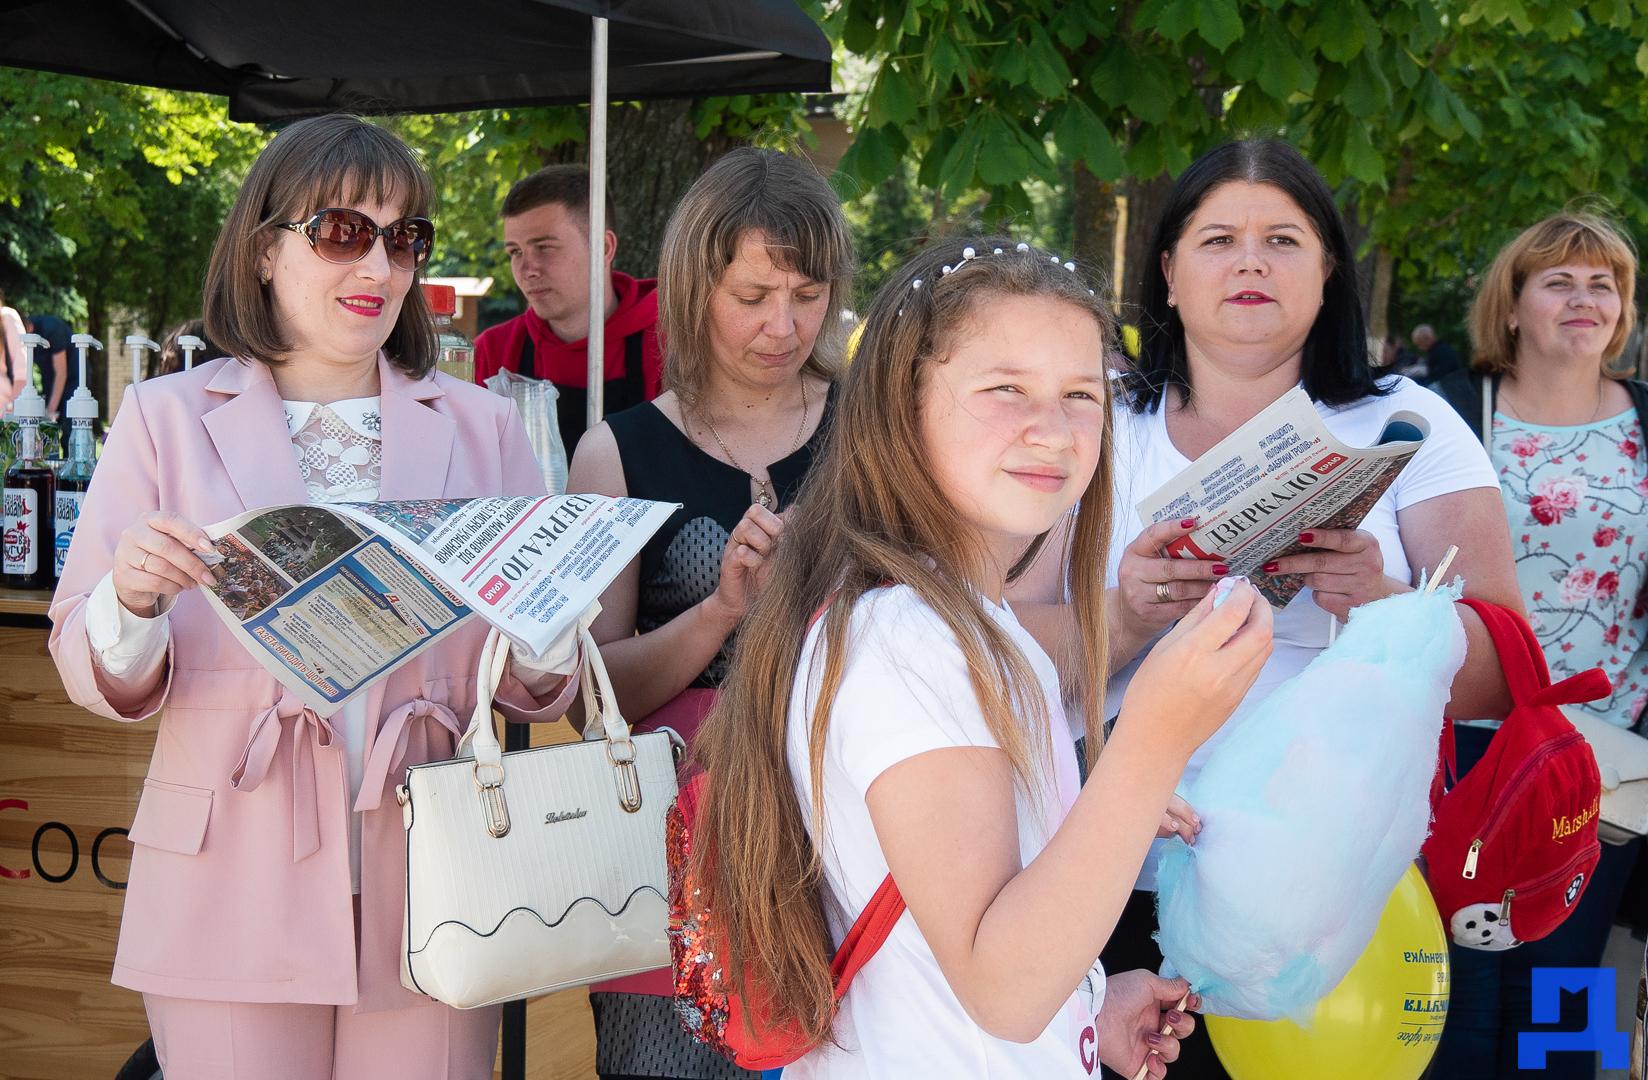 Дитячі майданчики та комп'ютерні класи: у Городенці яскраво відзначили день захисту дітей. ФОТО 9